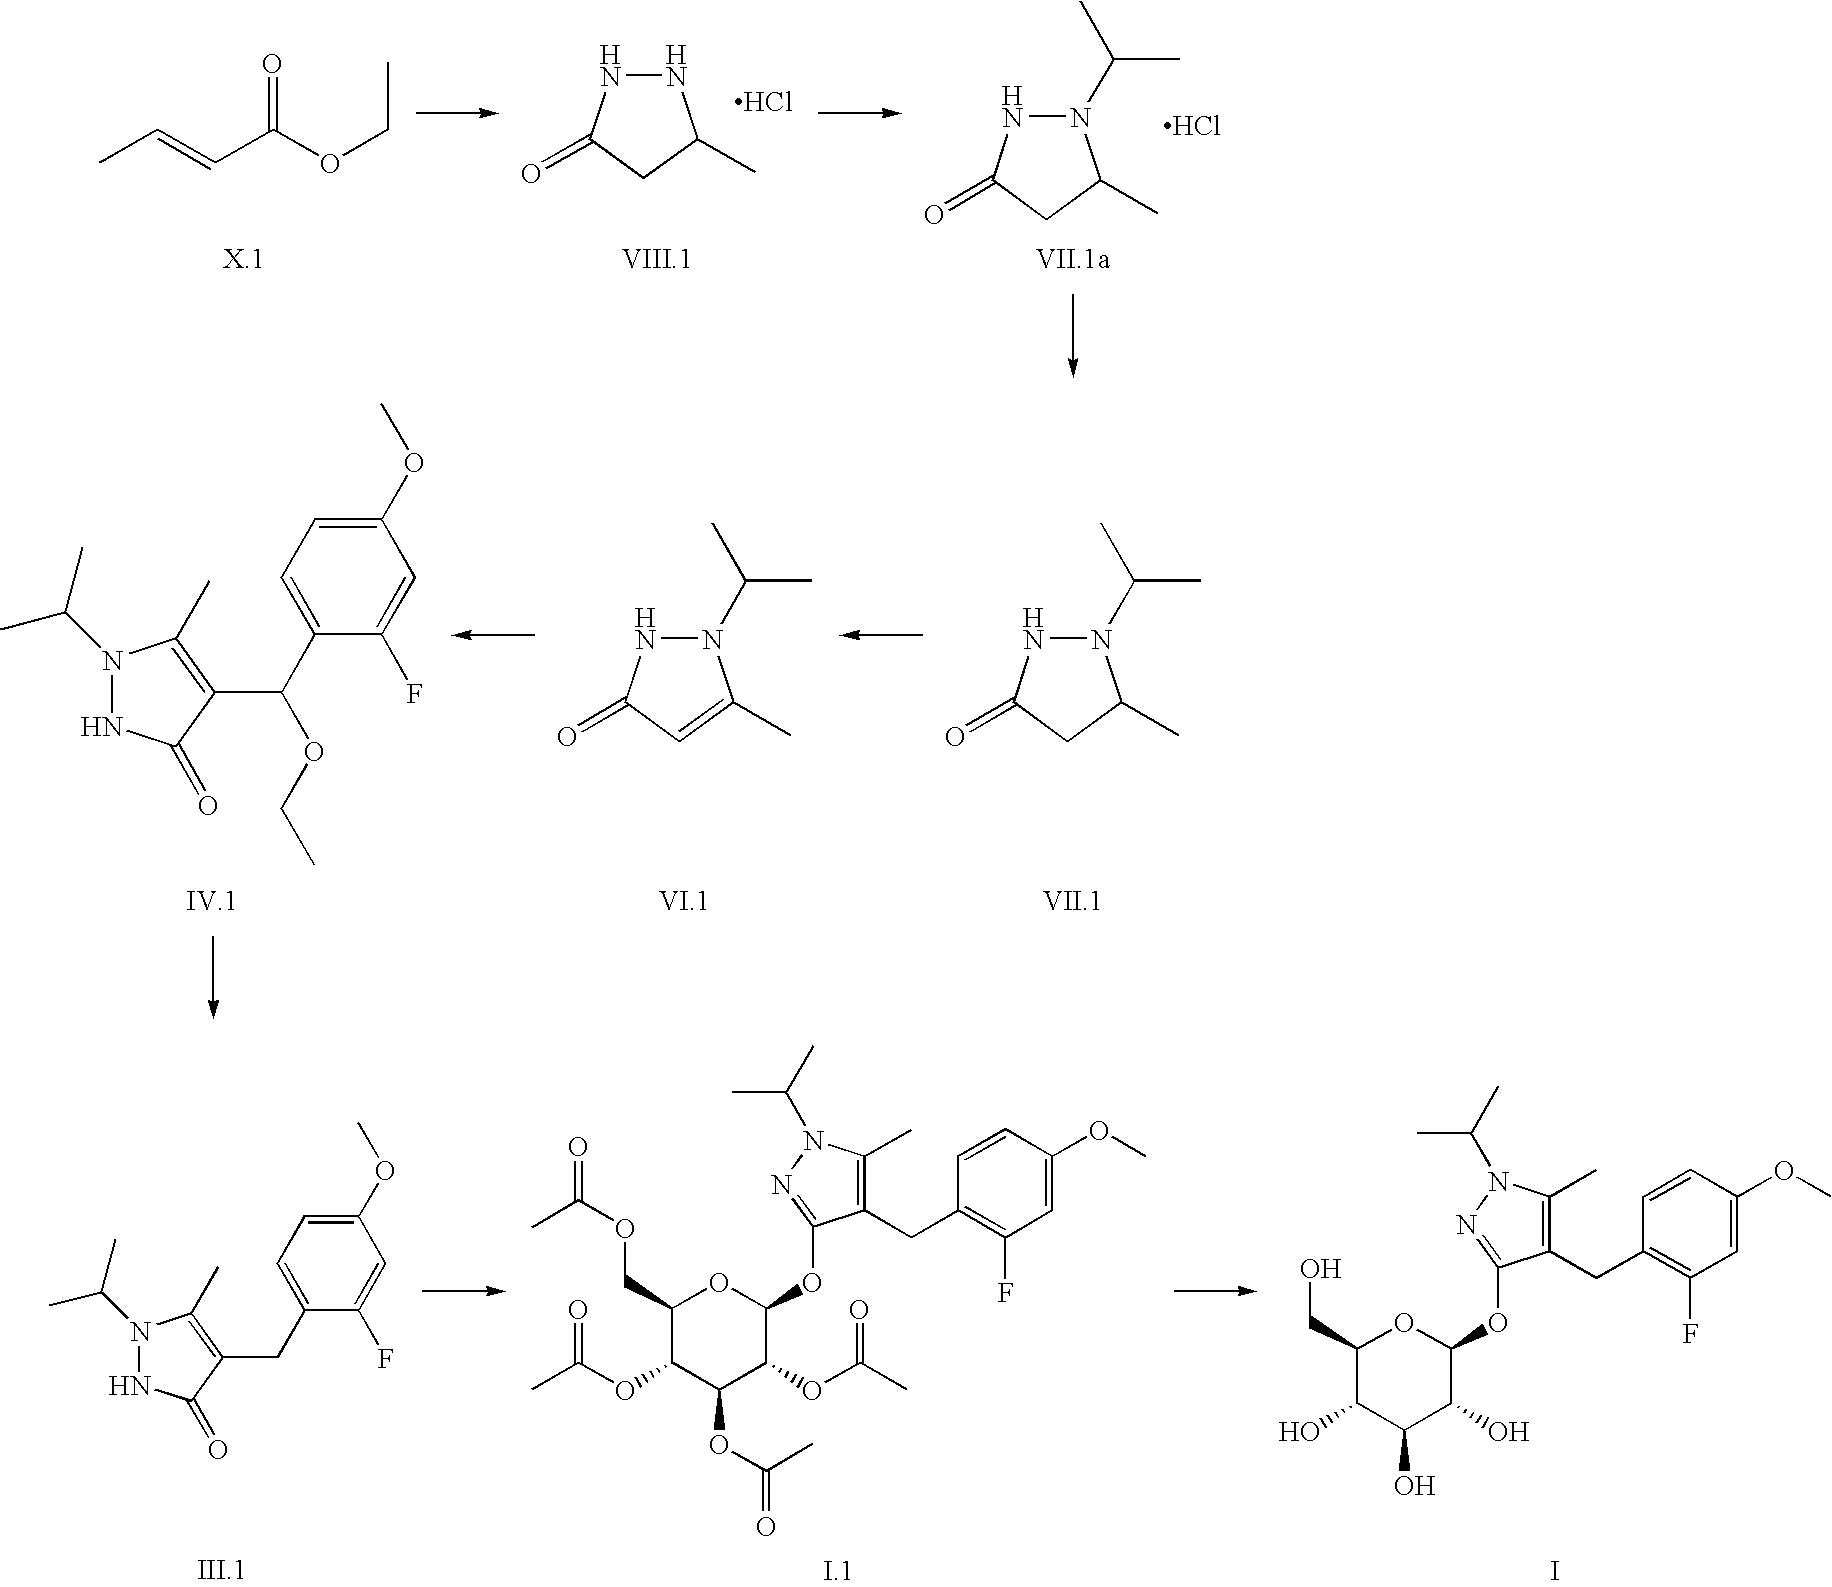 Figure US07524822-20090428-C00002